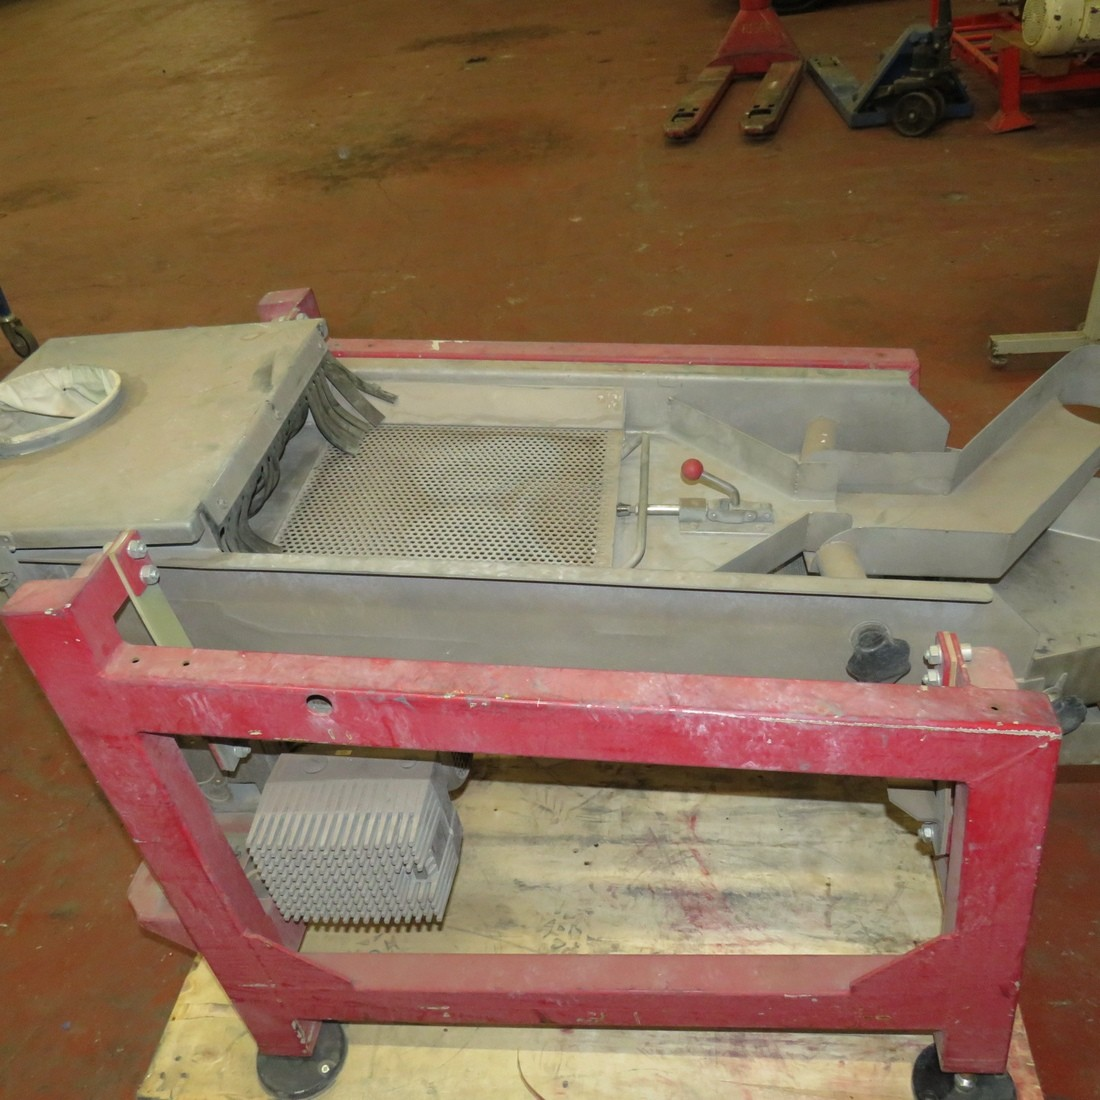 R6SC802  Stainless steel TRENDELKAMP sifter TK-K40/65-3 type